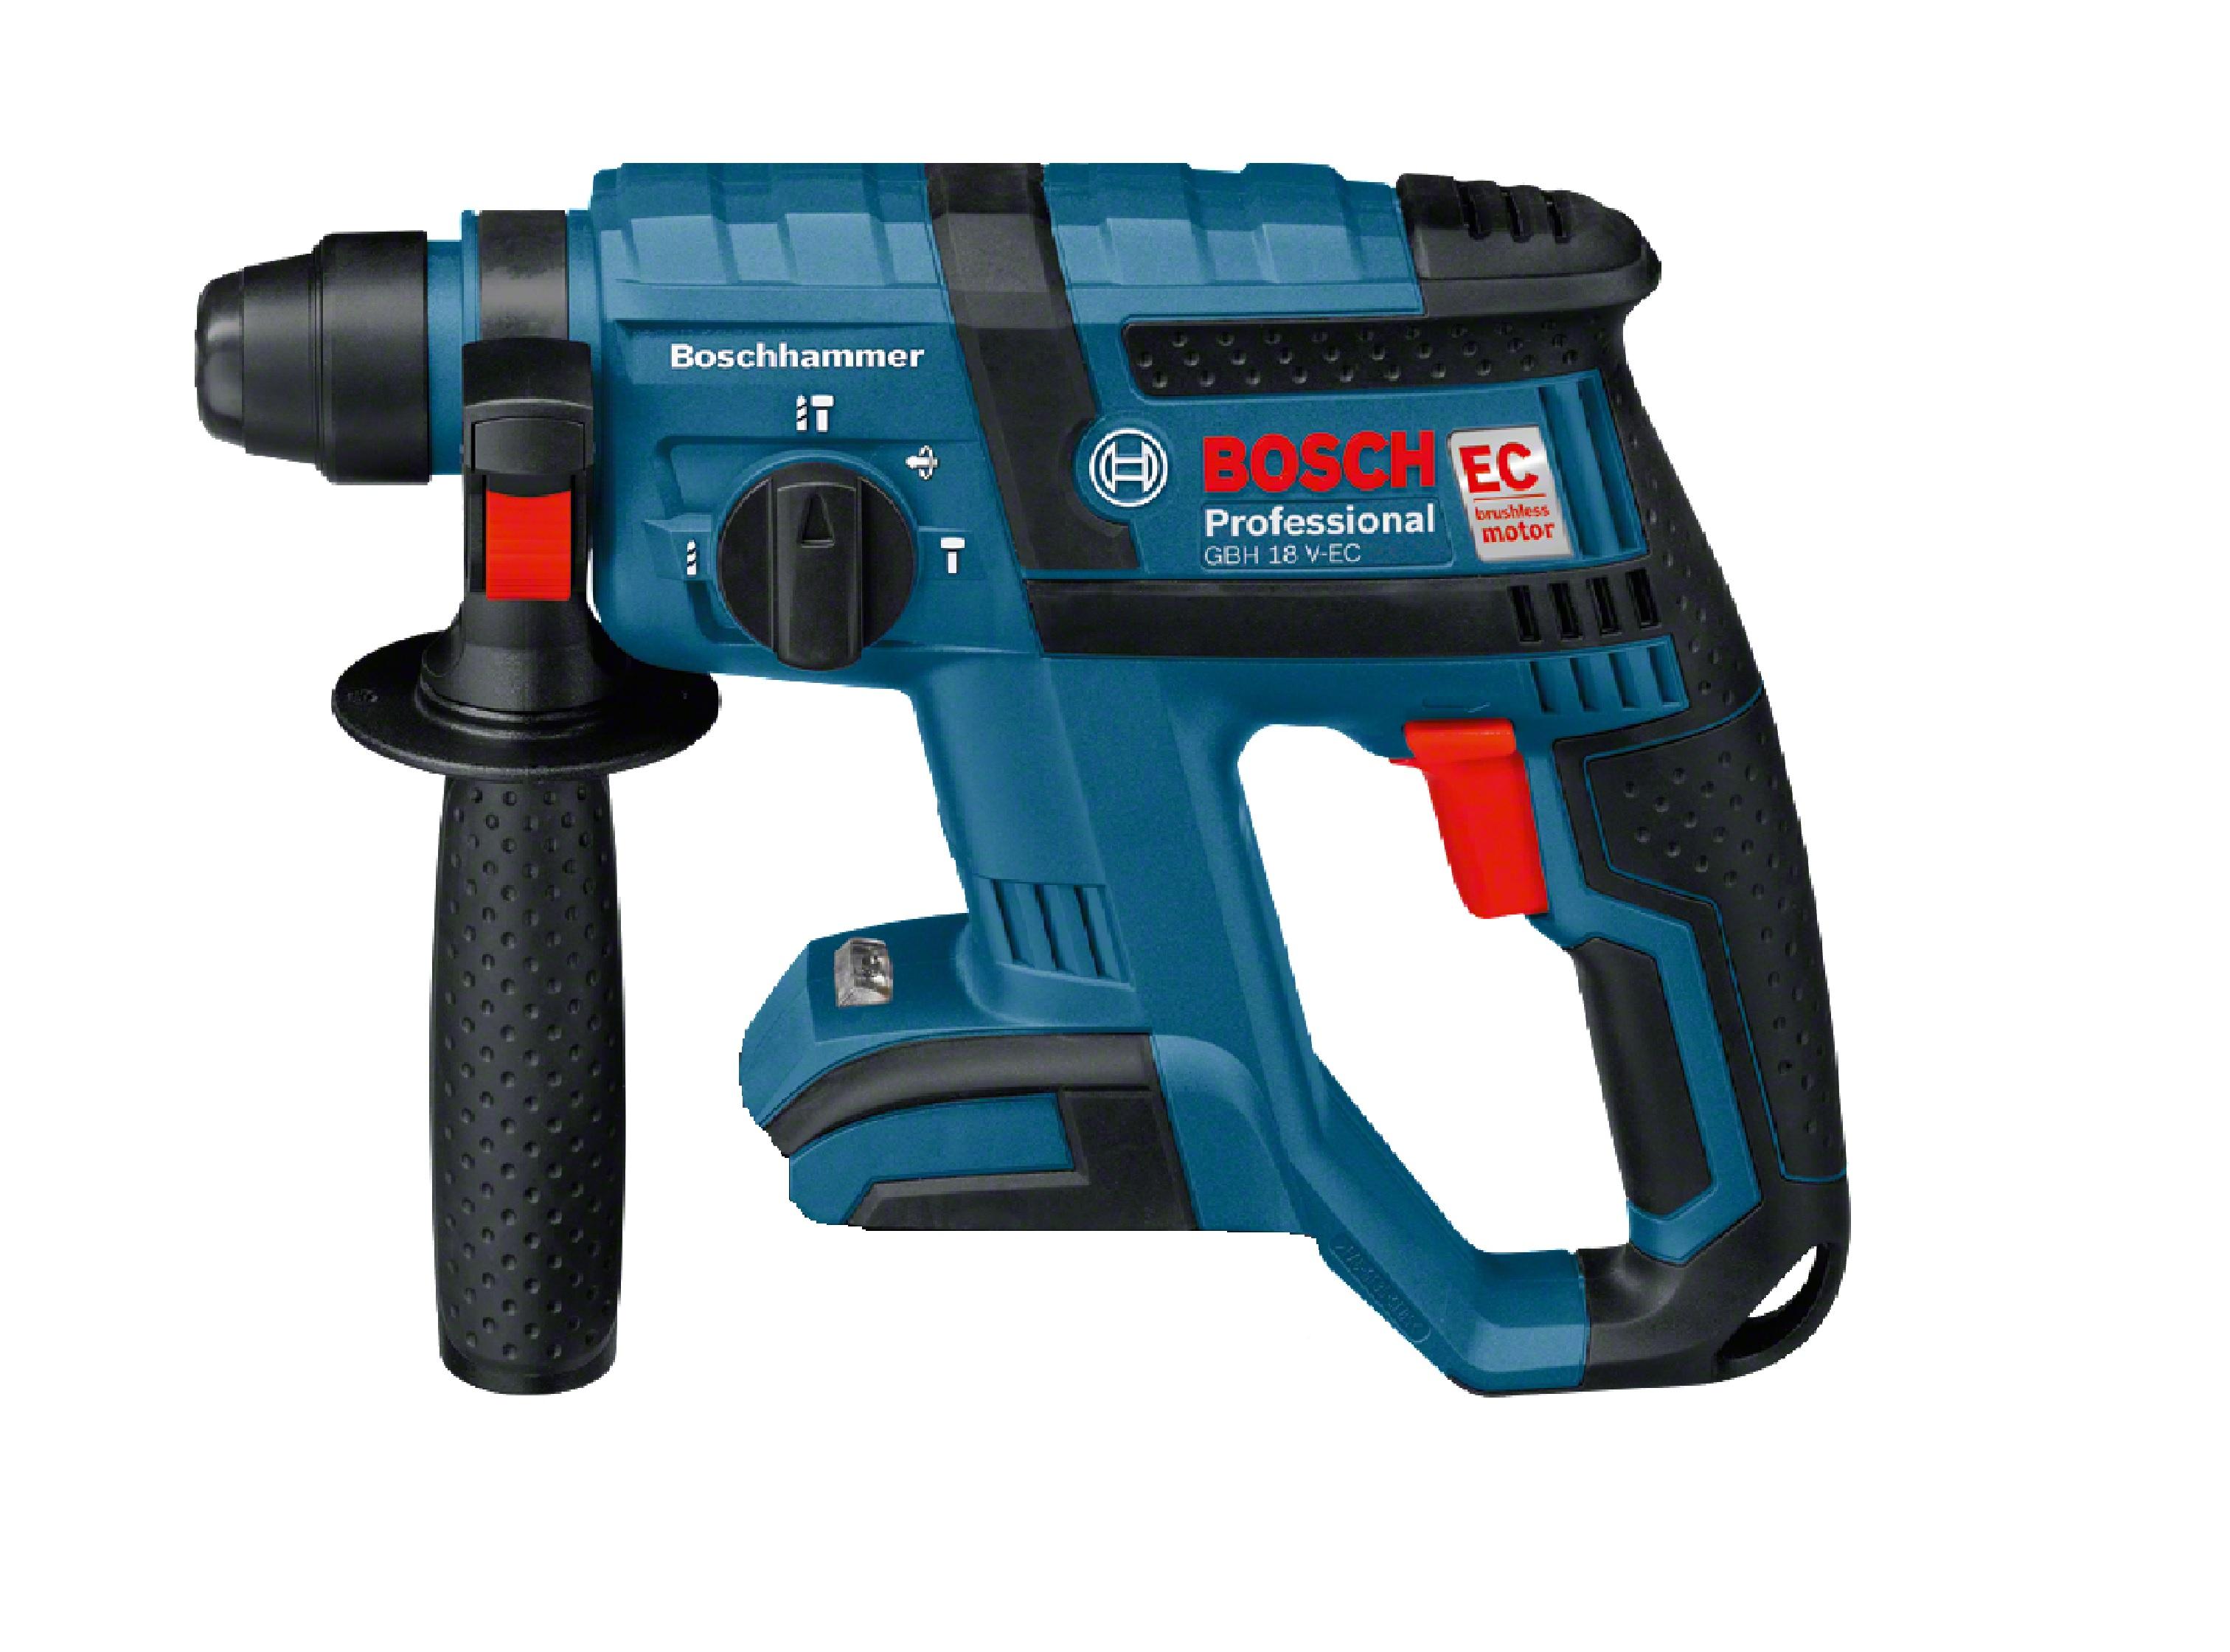 Bosch 18v Gbh Ec Brushless 3 Mode Rotary Hammer Baretool Power Stanley Drill